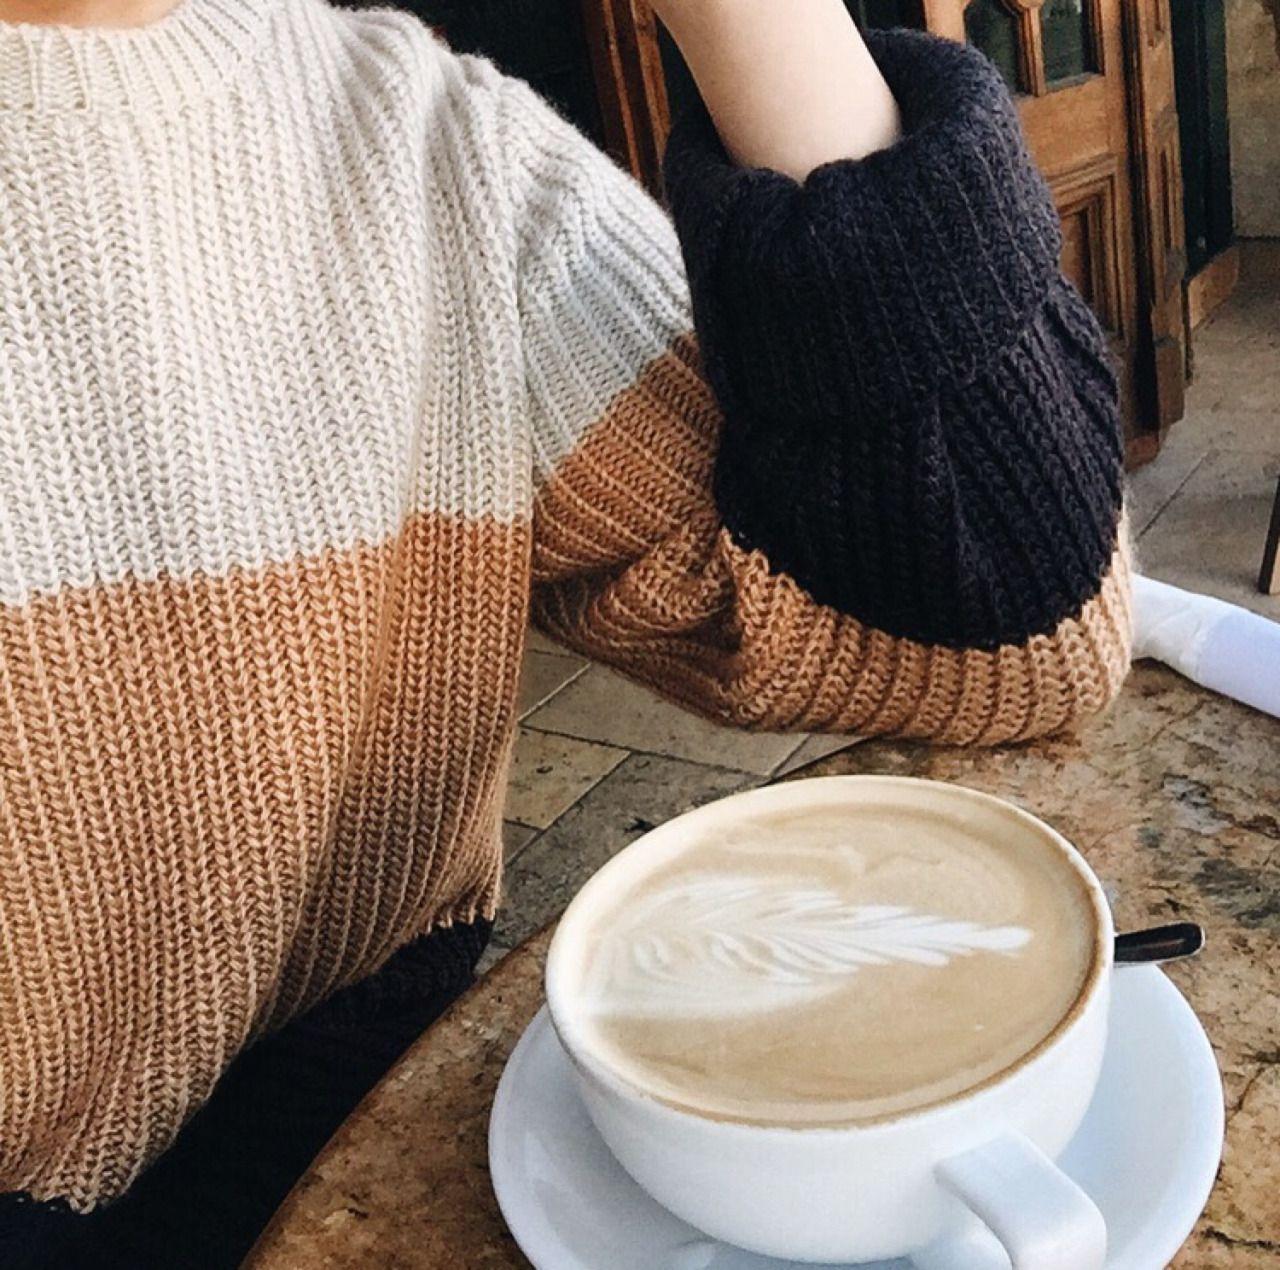 дуру картинки кофе руки свитер предварительно вырезать шаблон